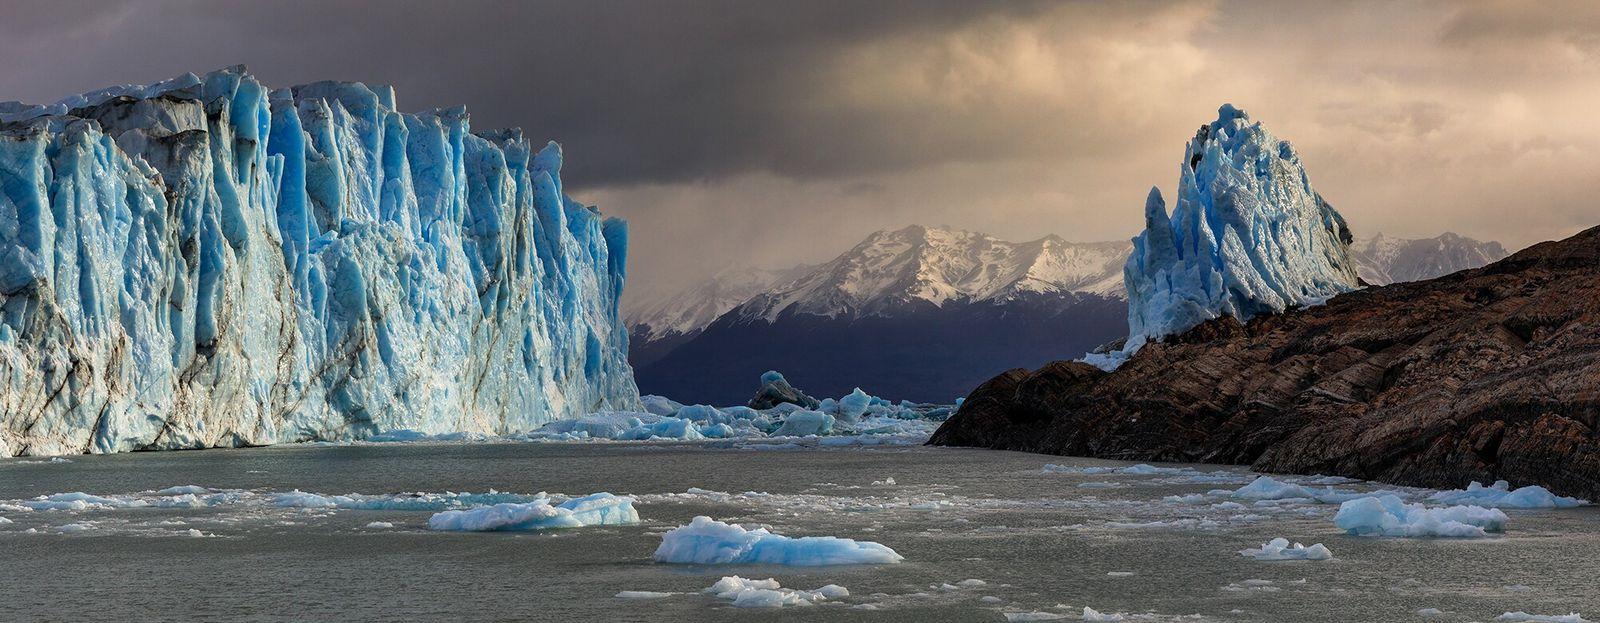 Los Glaciares, Argentina | A geleira Perito Moreno, no Parque Nacional de Los Glaciares, na Argentina, ...